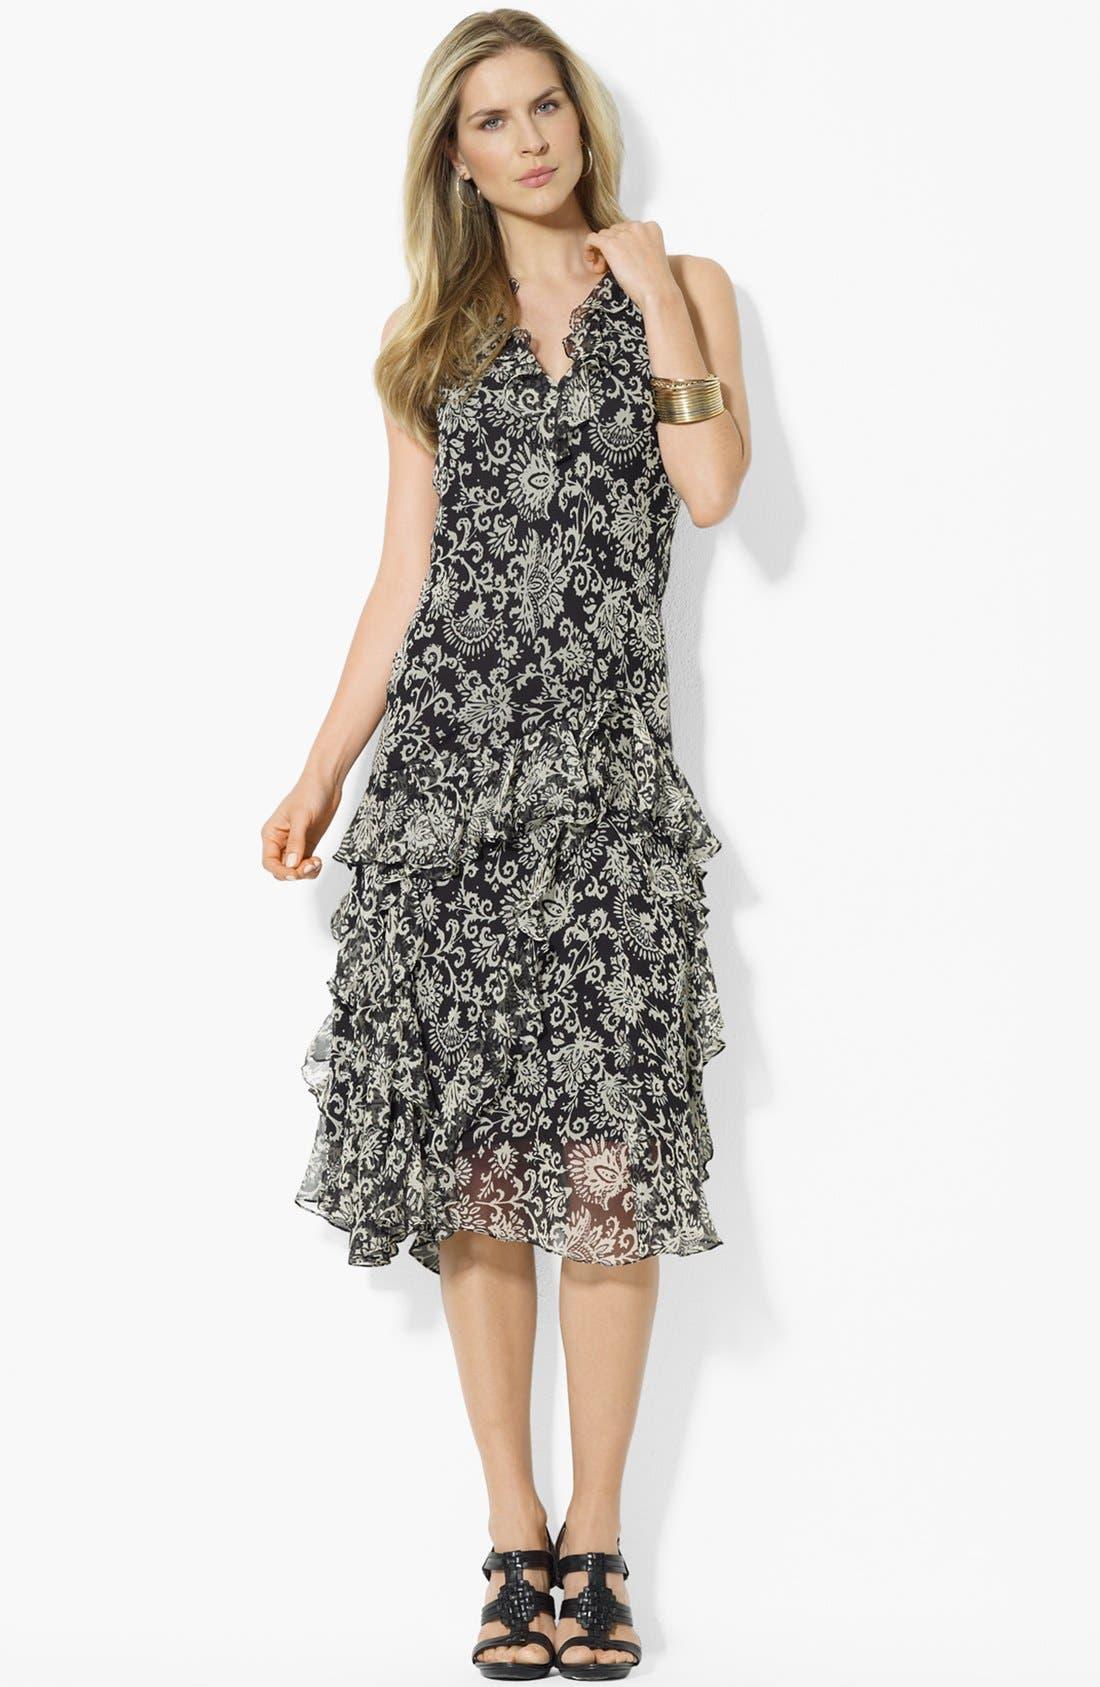 Alternate Image 1 Selected - Lauren Ralph Lauren Ruffled V-Neck Dress (Petite)